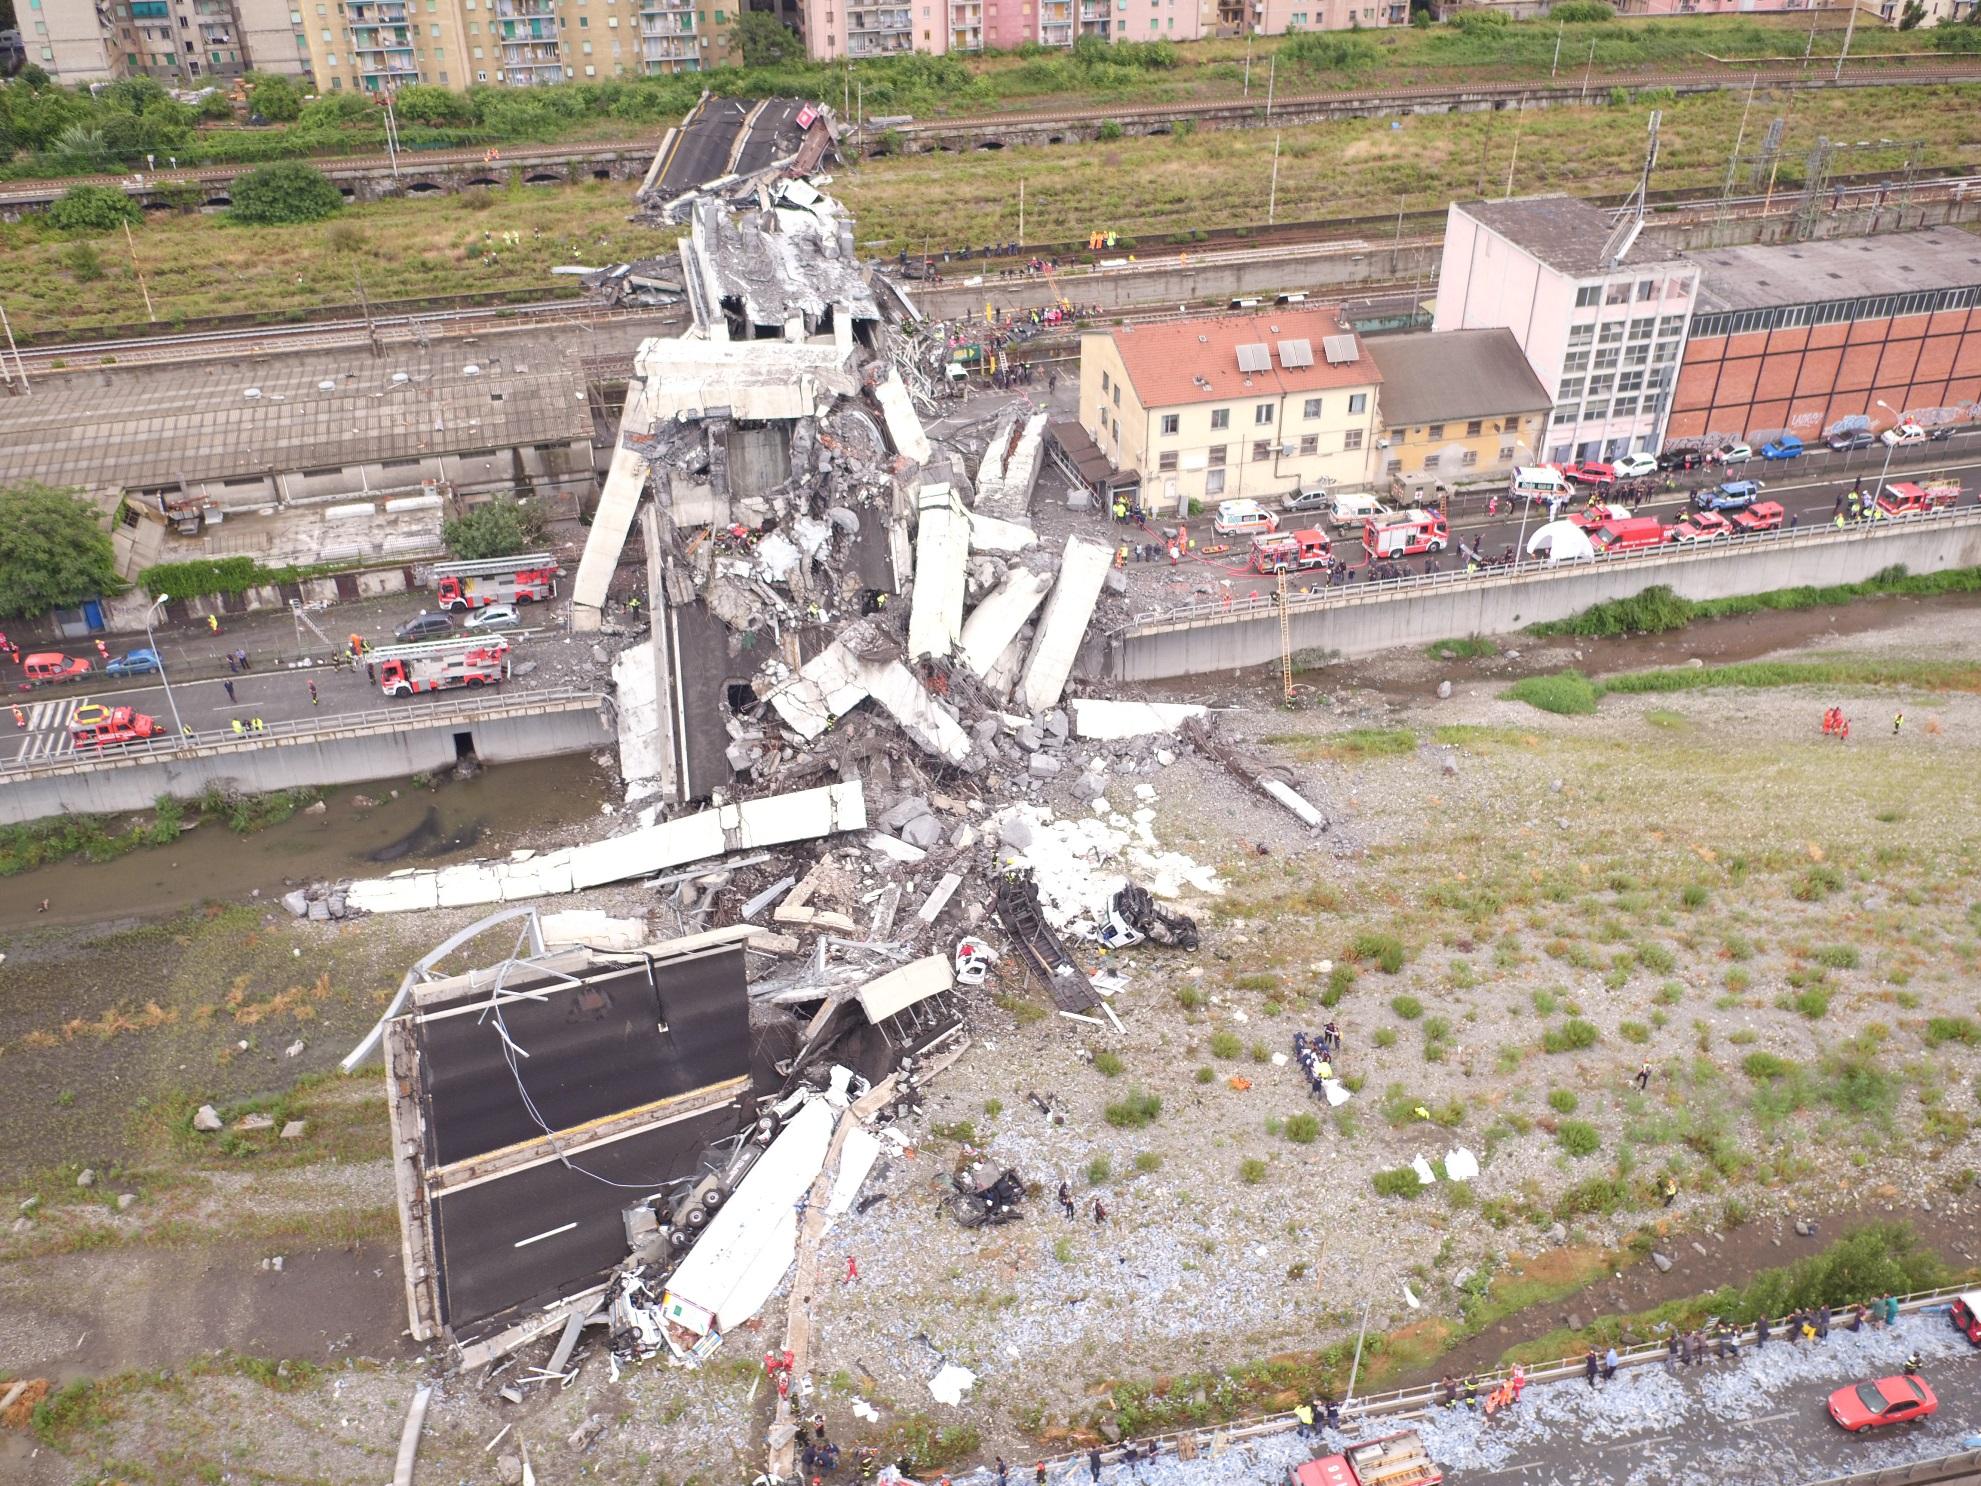 Il ponte di Genova: Cronologia di un disastro, una foto del ponte dopo il crollo